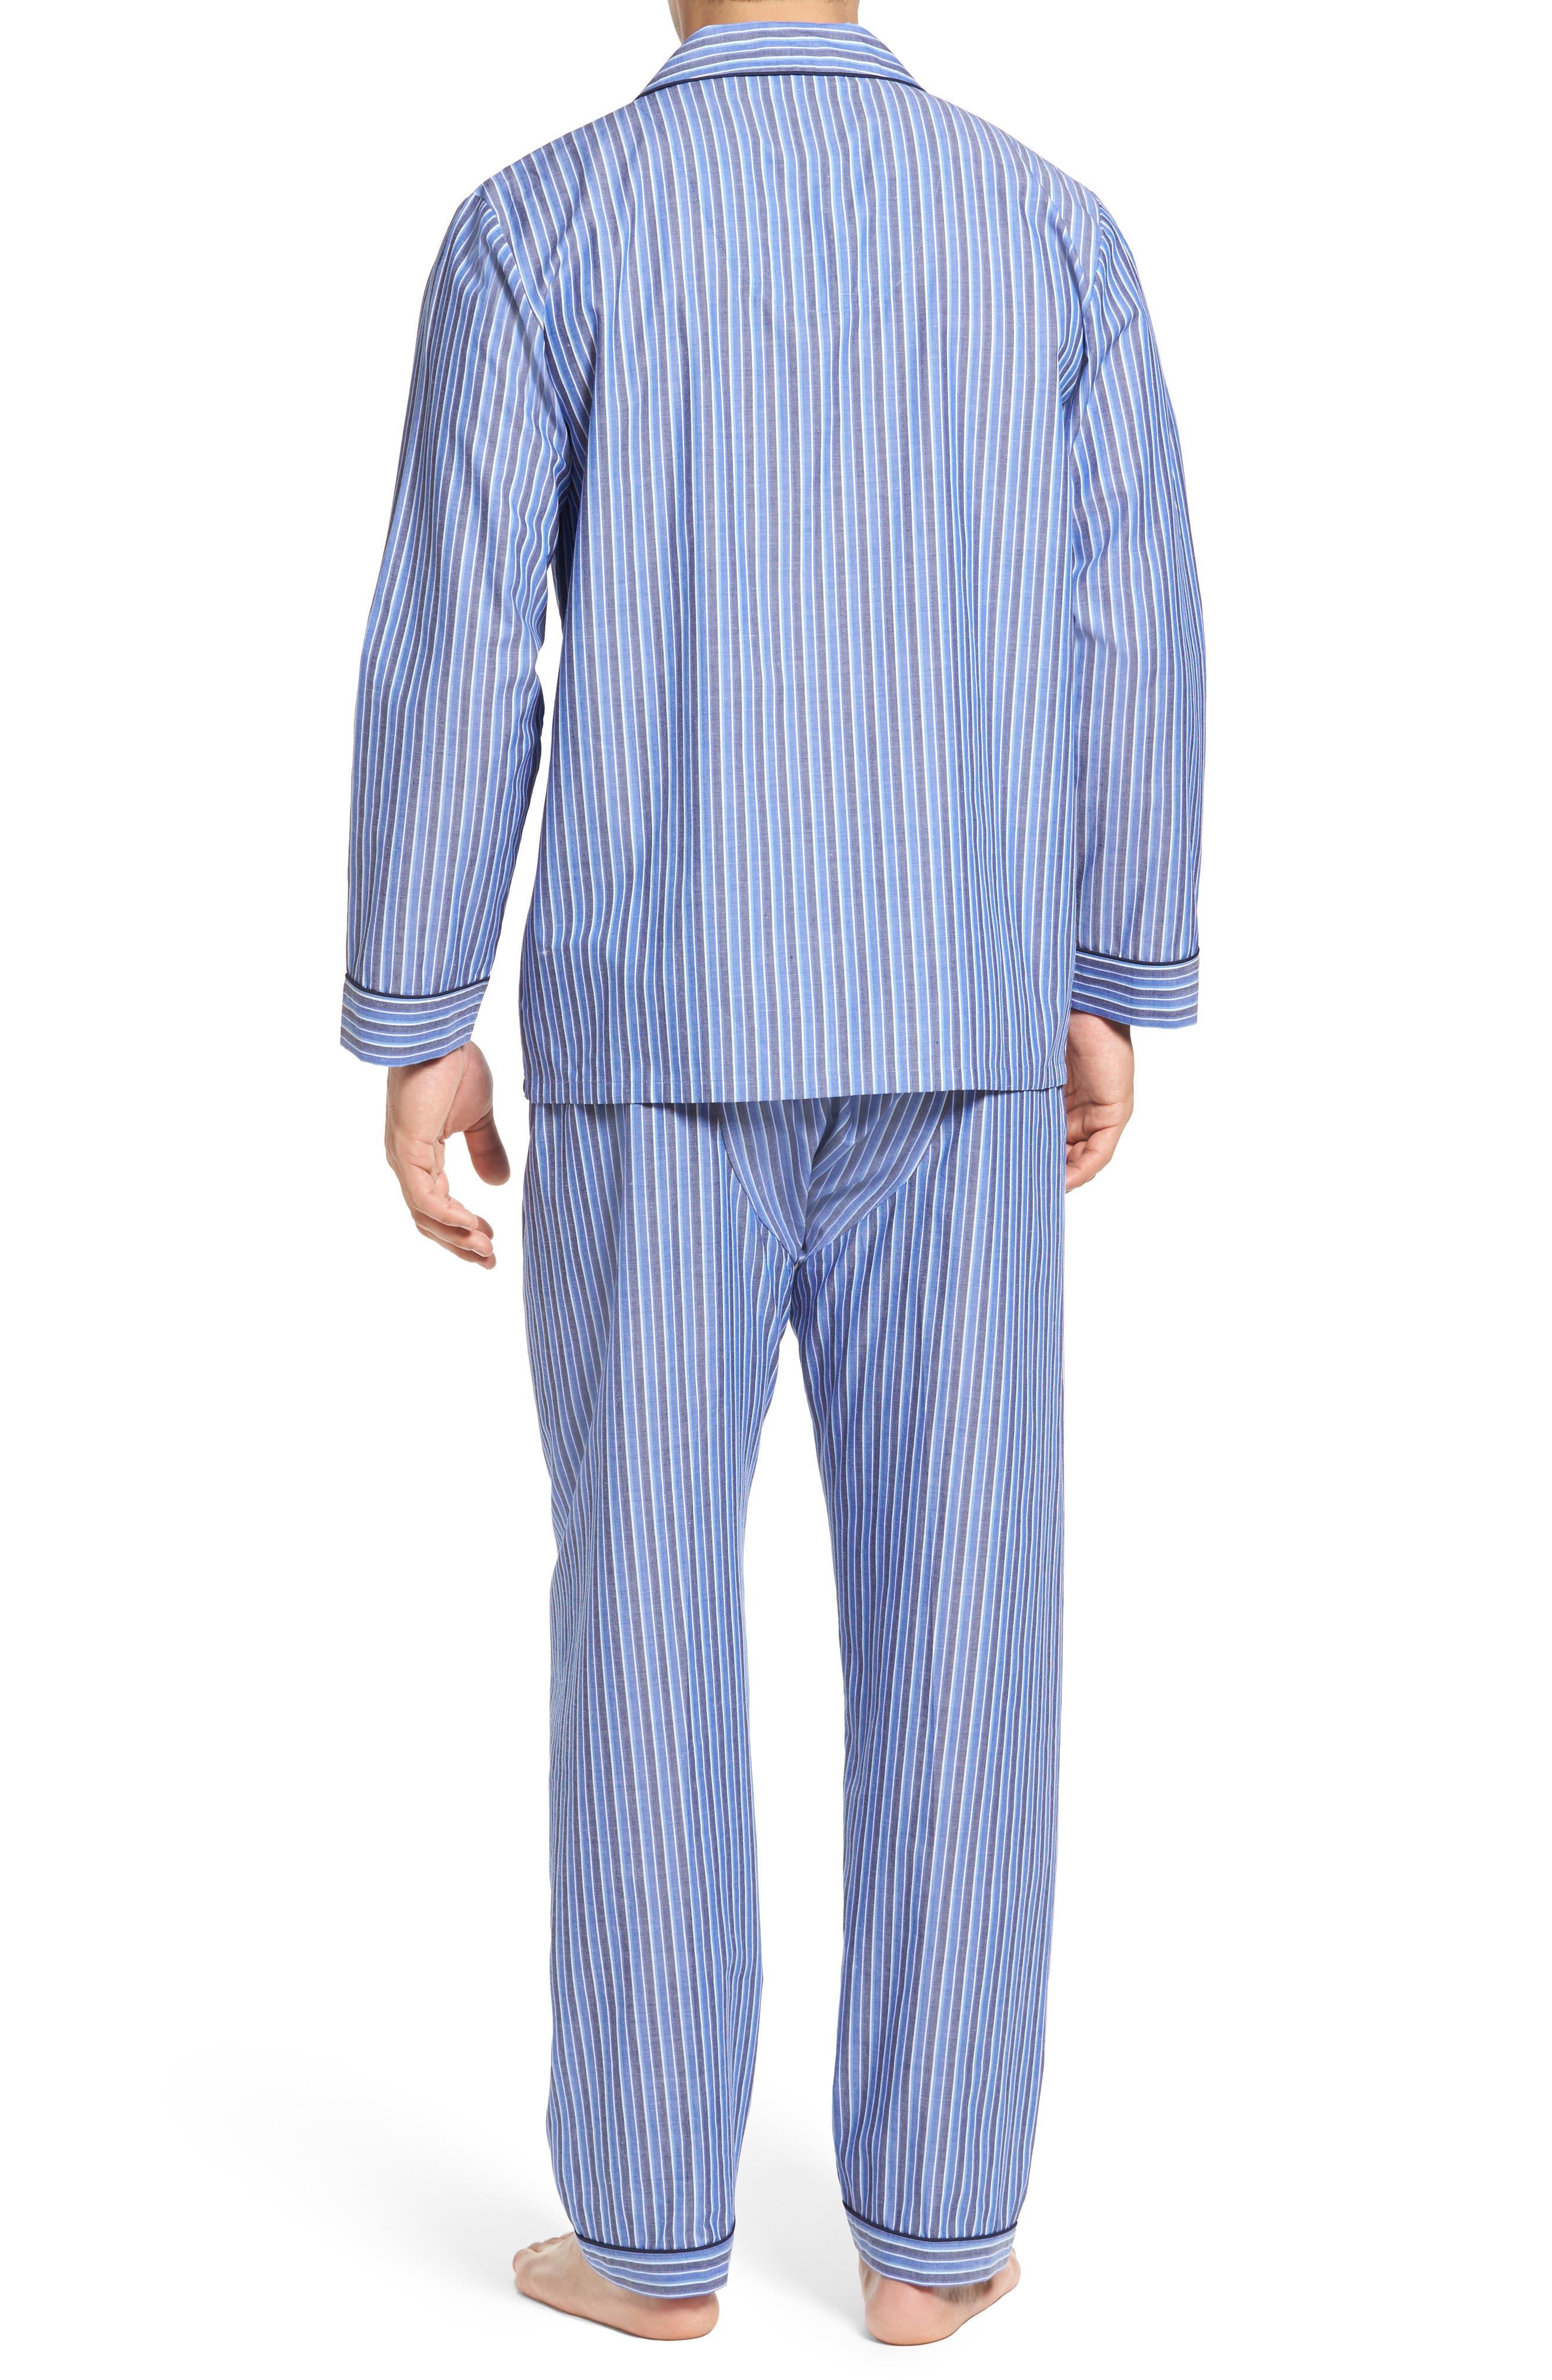 Cole Cotton Blend Pajama Set,                             Alternate thumbnail 2, color,